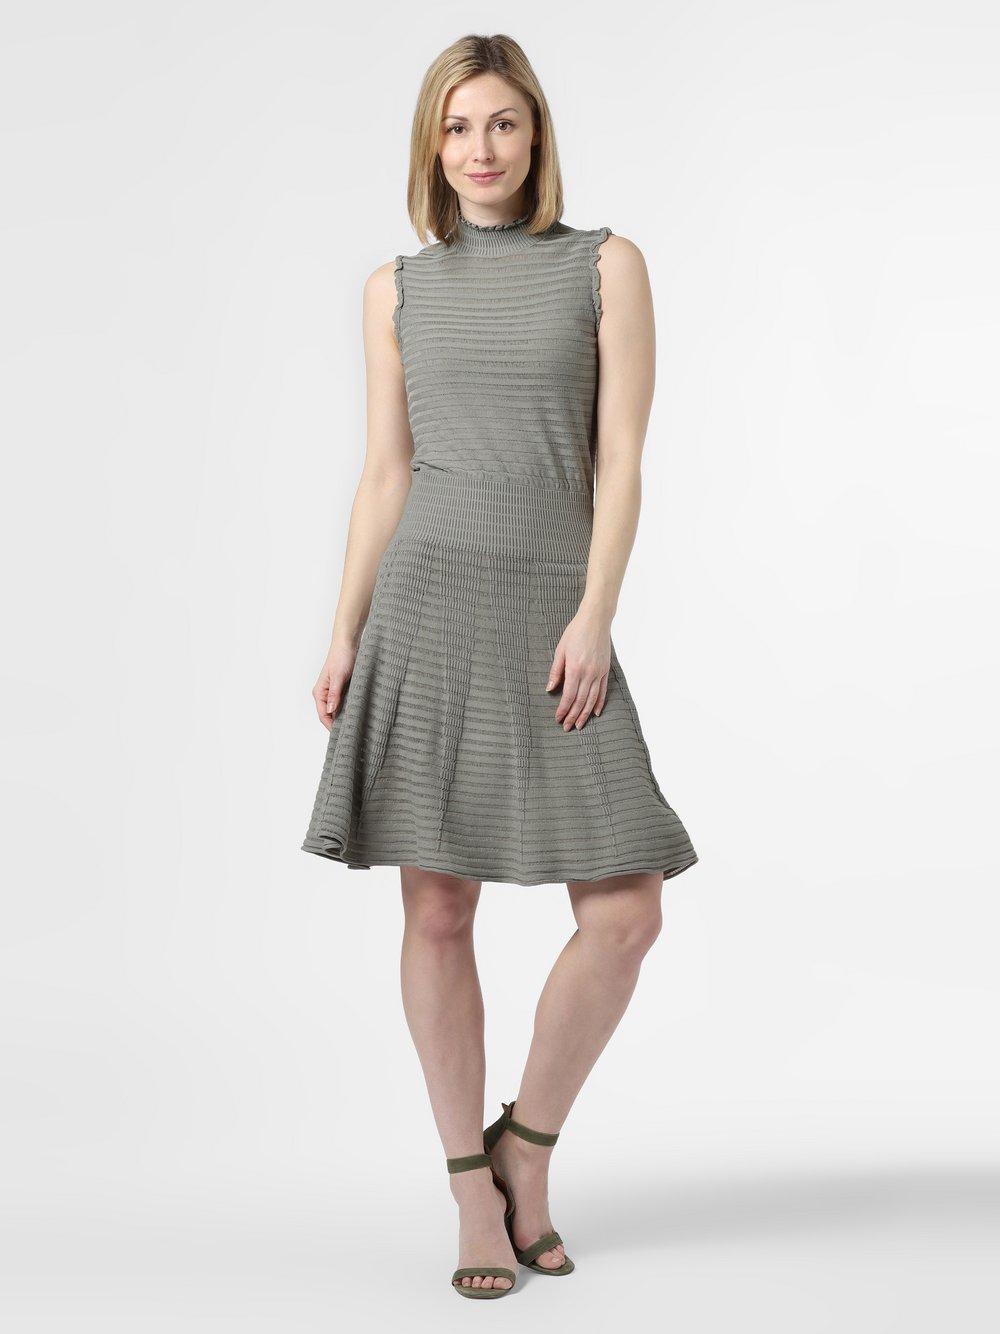 NIKKIE – Sukienka damska – Kassy, zielony Van Graaf 465076-0001-00360